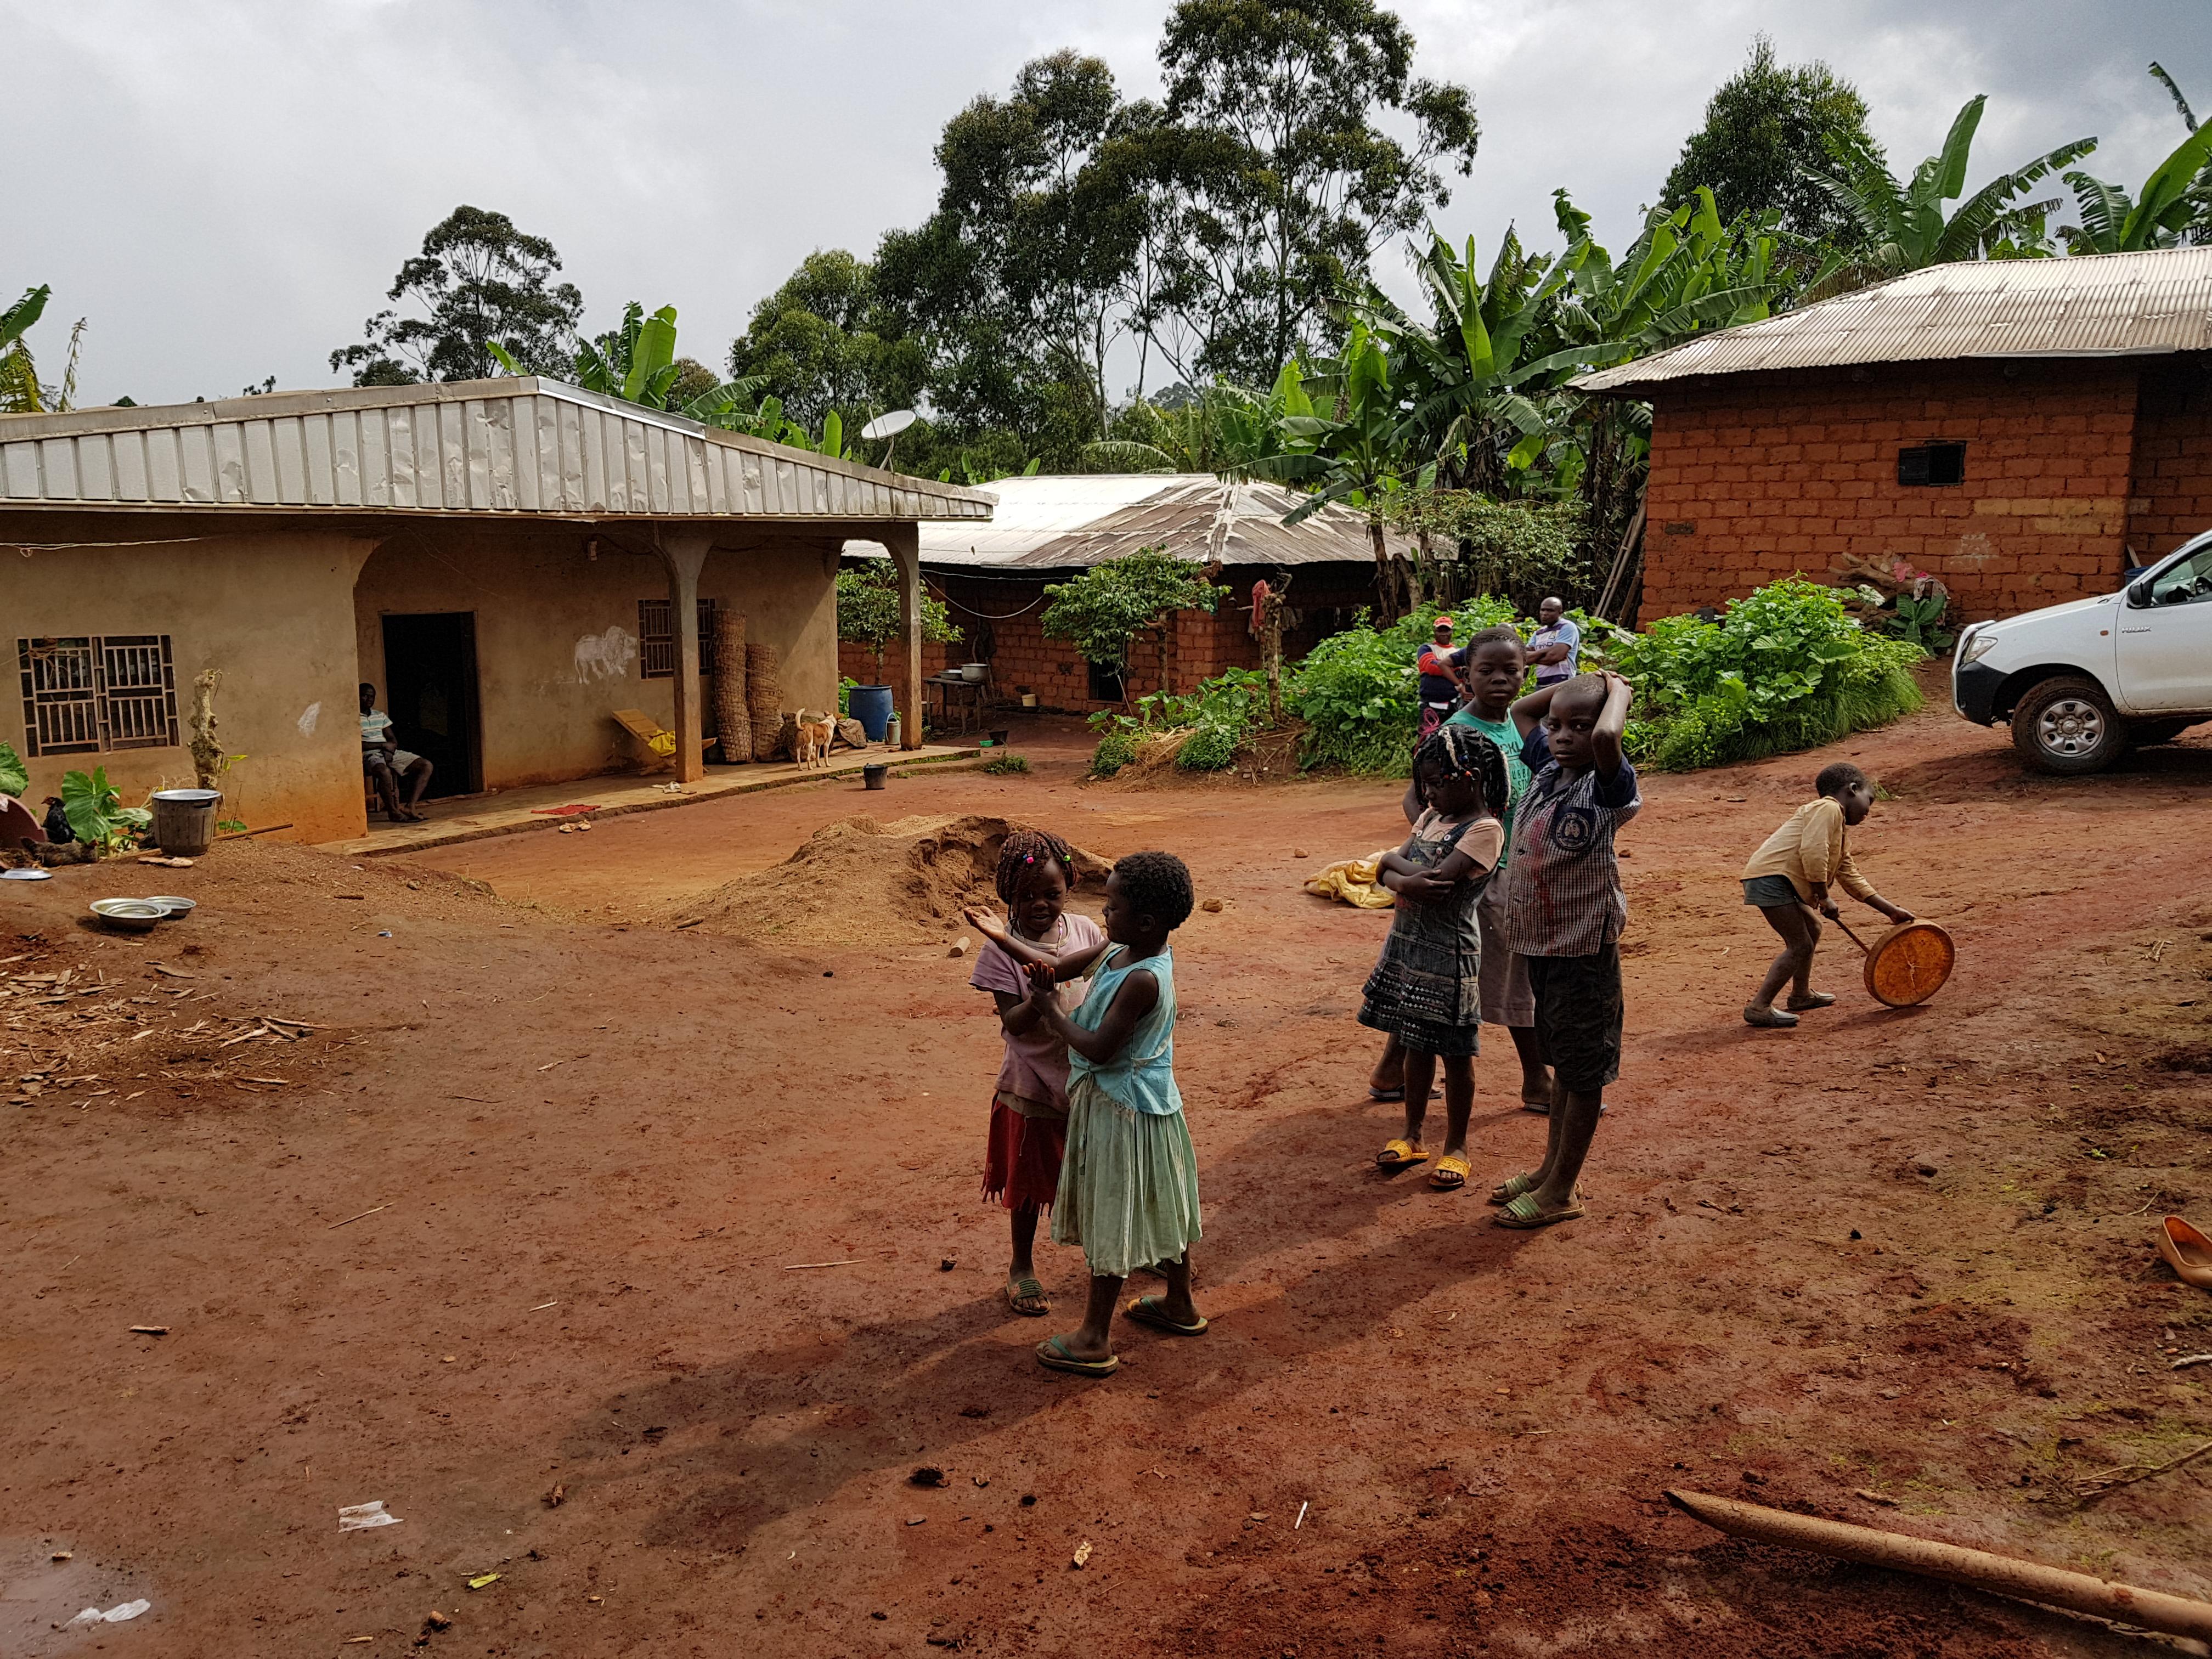 bambini che giocano in villaggio